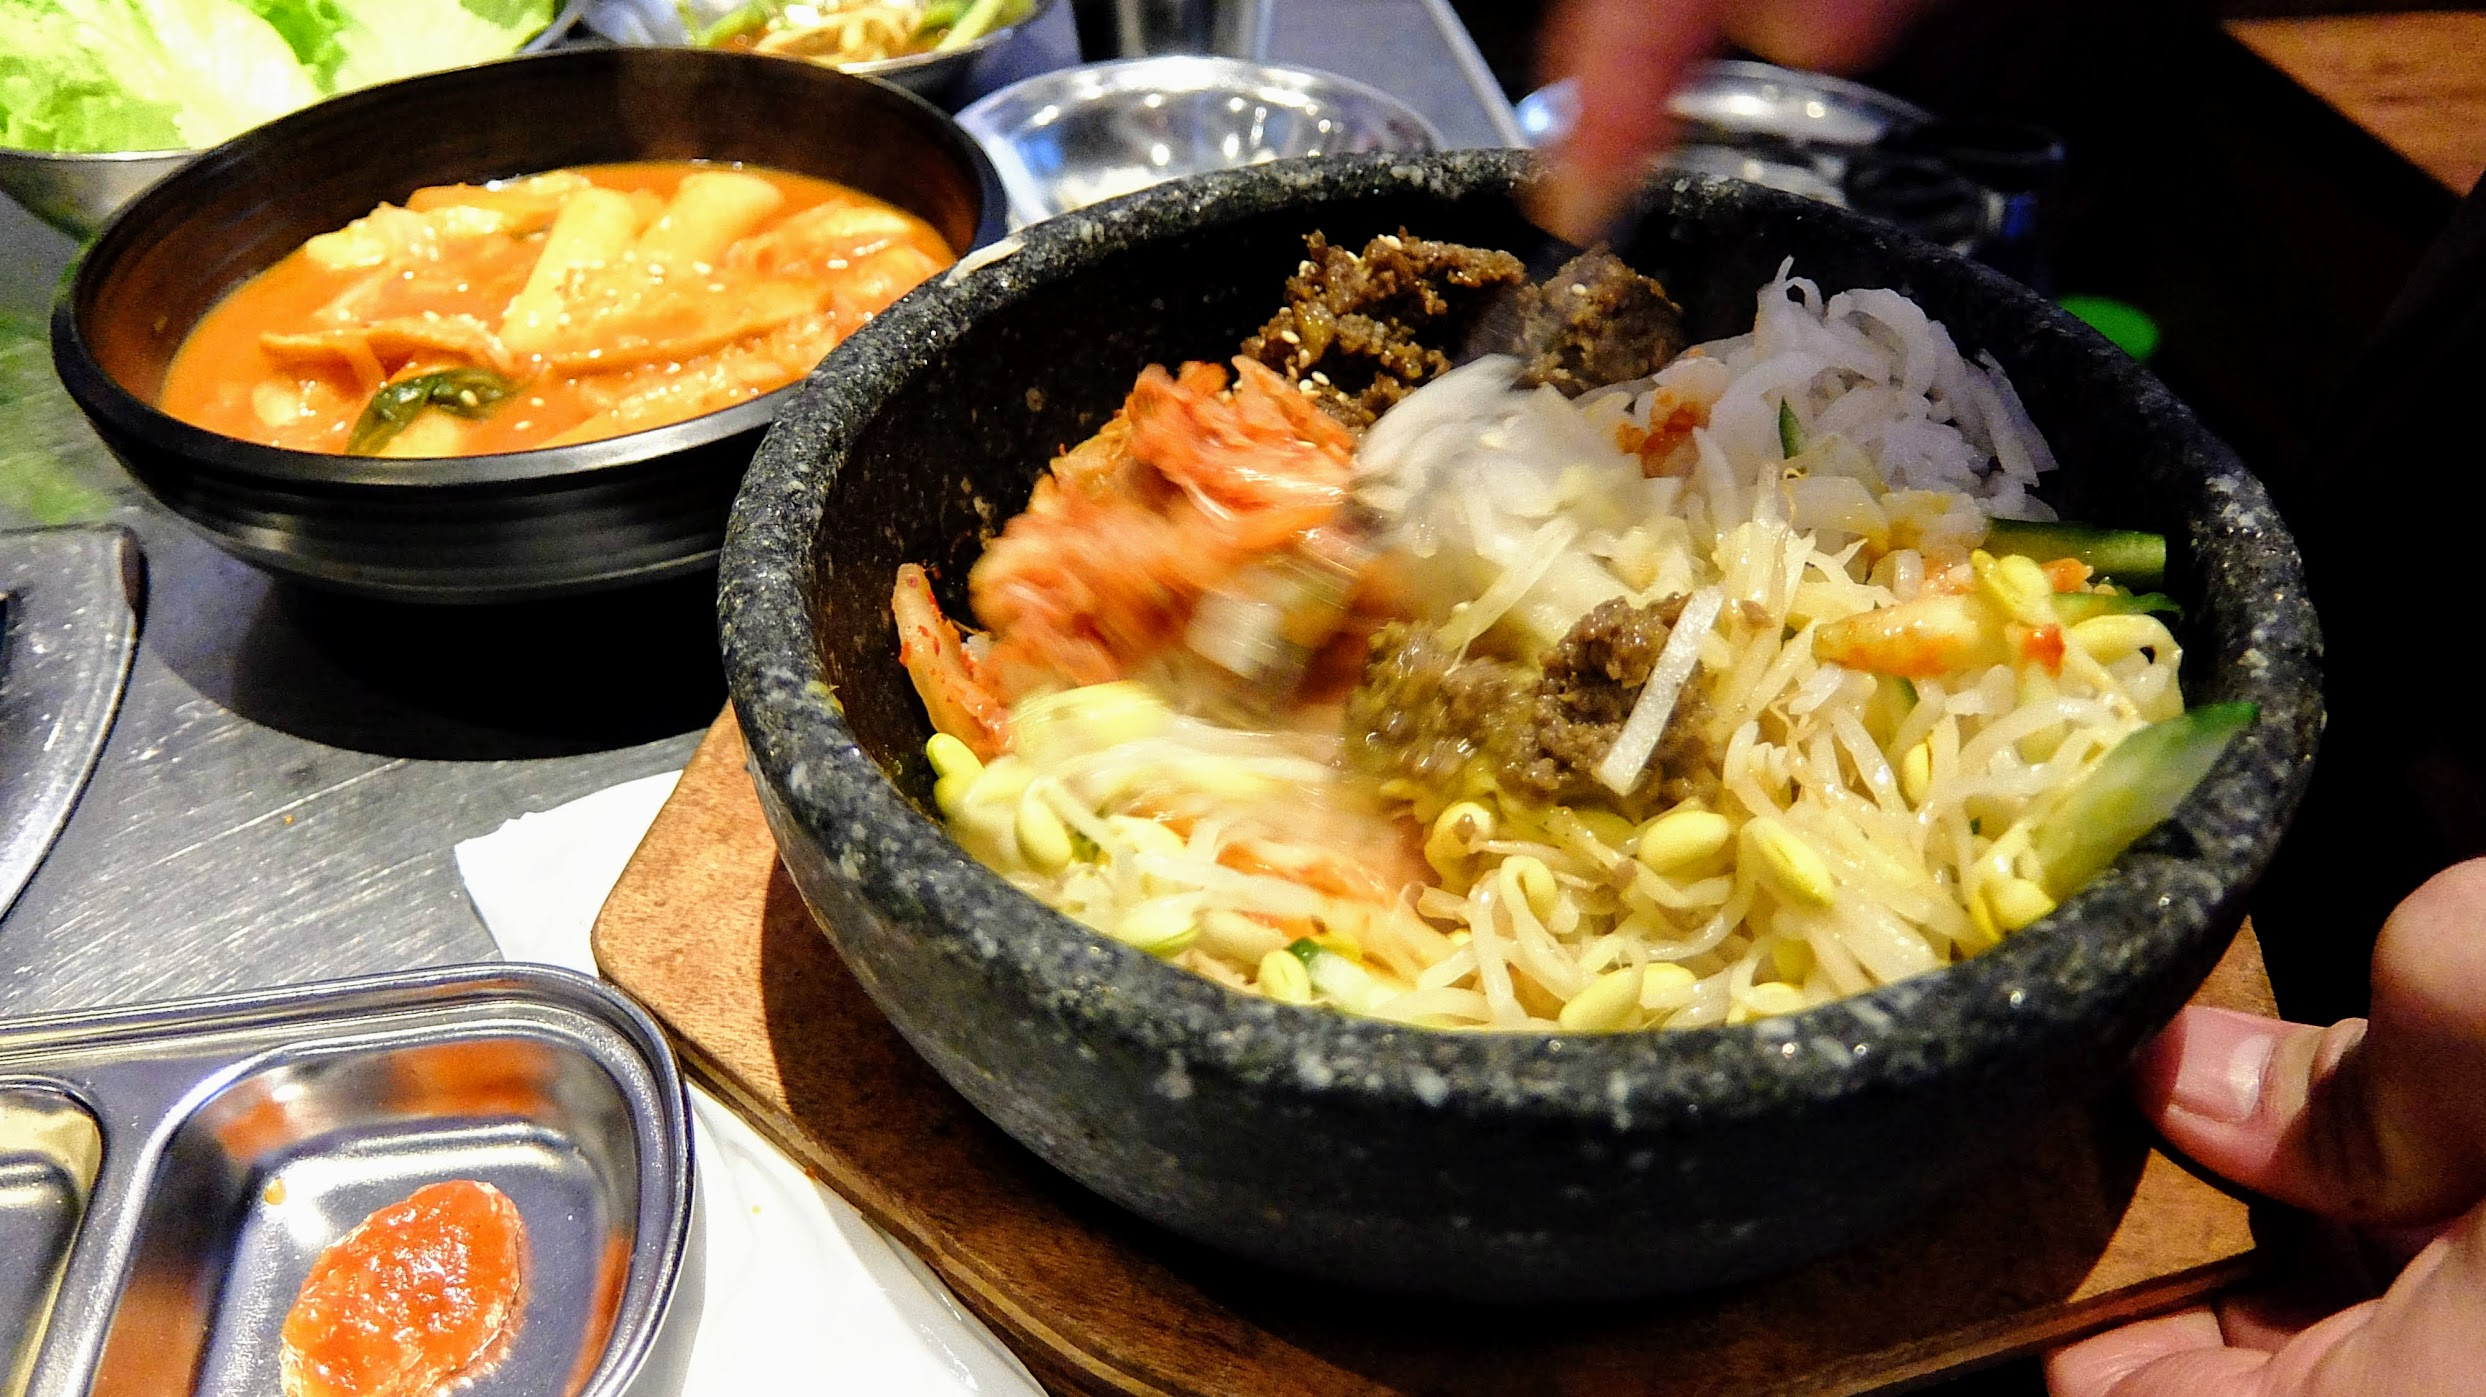 石鍋拌飯有桌邊服務,幫忙攪拌加醬料,如果想要鍋巴多一點可以晚一點再攪拌或把飯貼到鍋邊